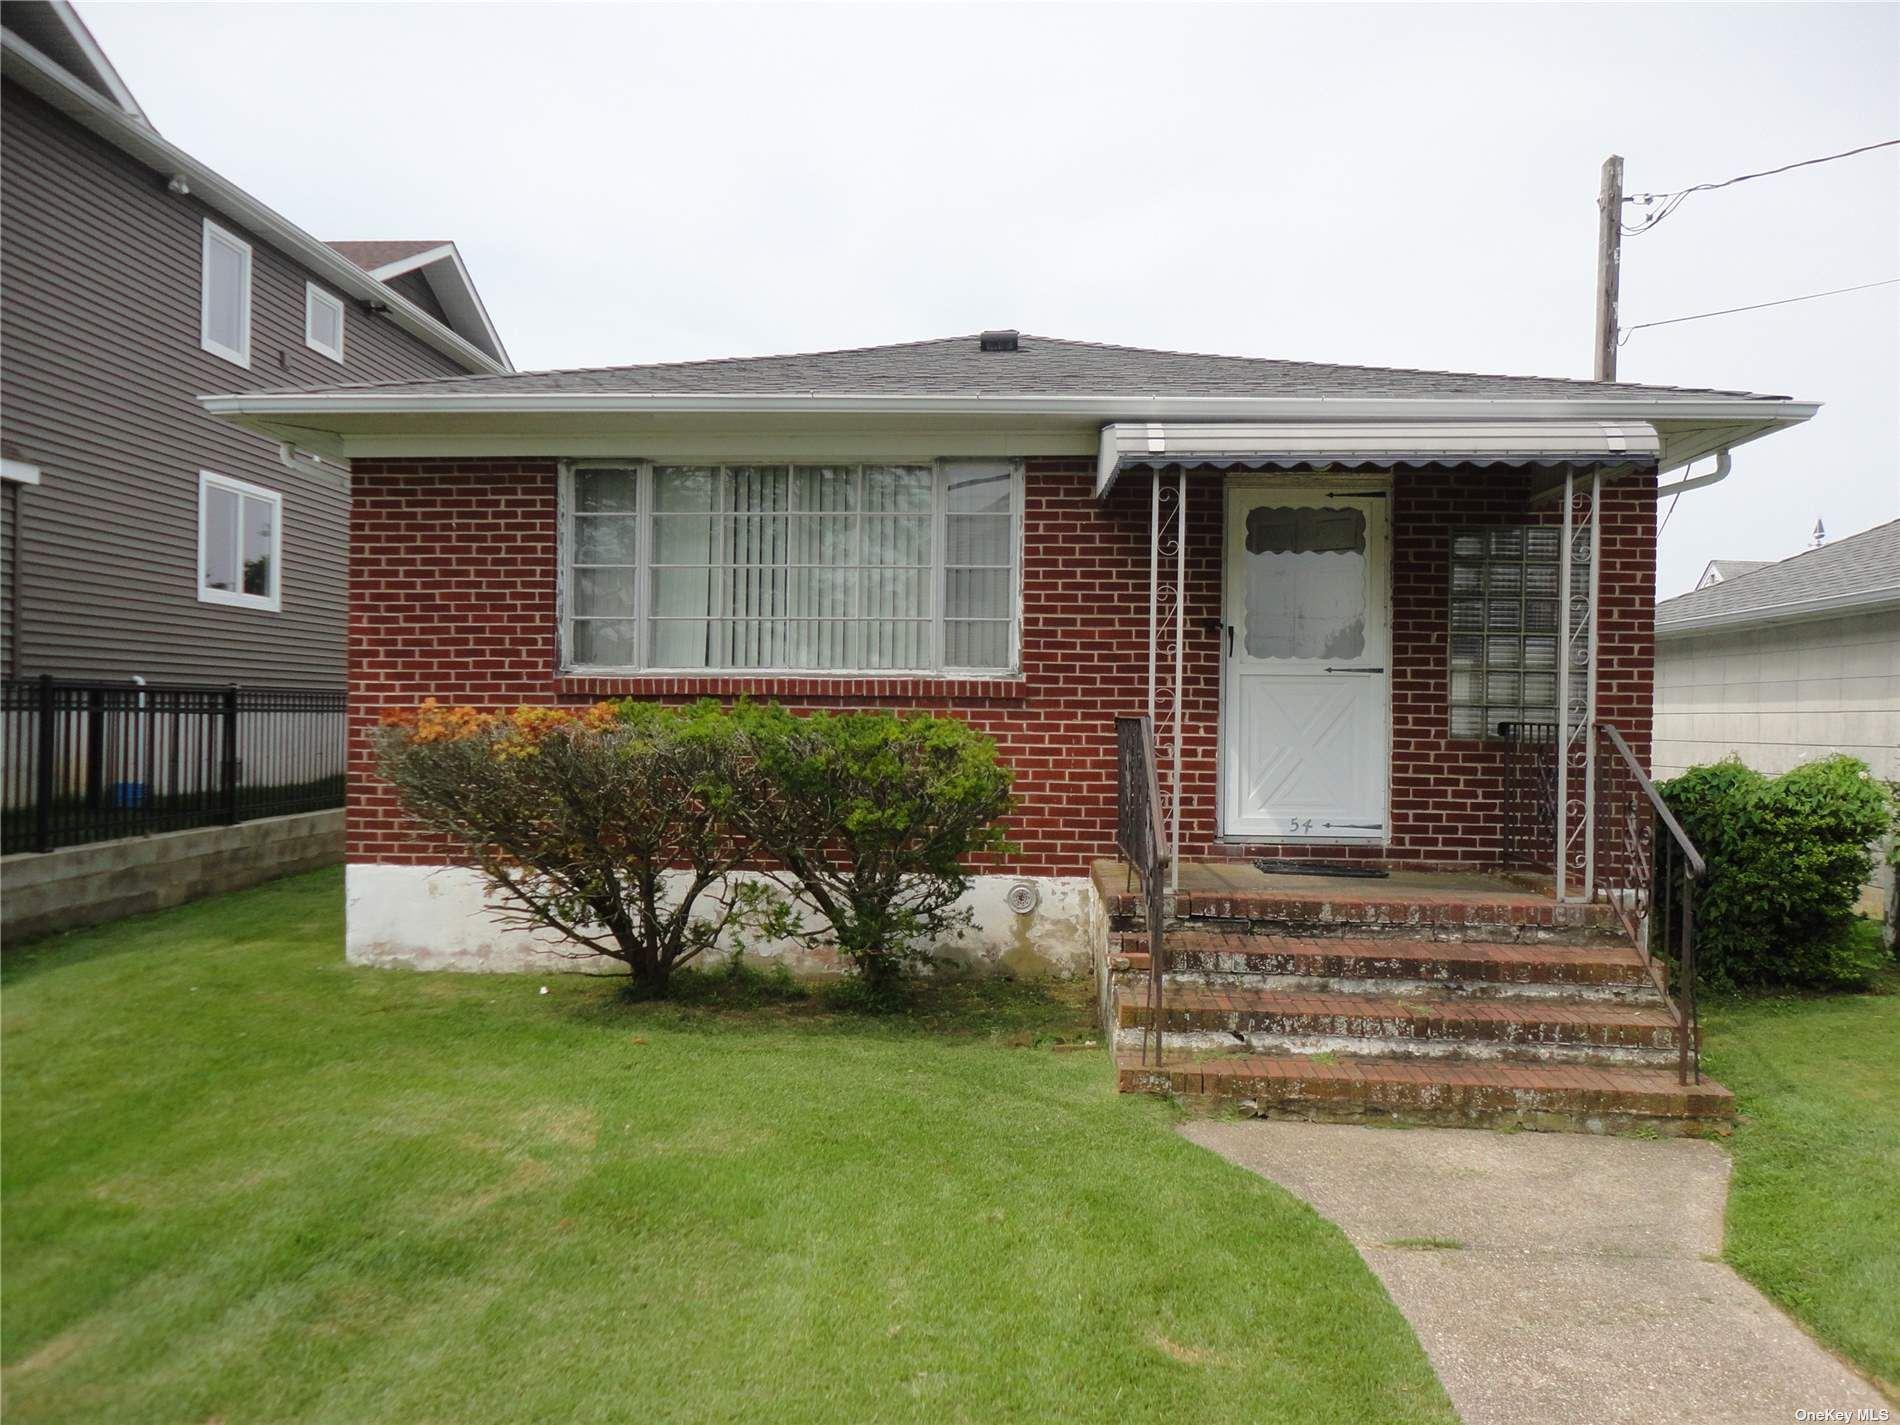 54 Annuskemunnica Road, Babylon, NY 11702 - MLS#: 3331456